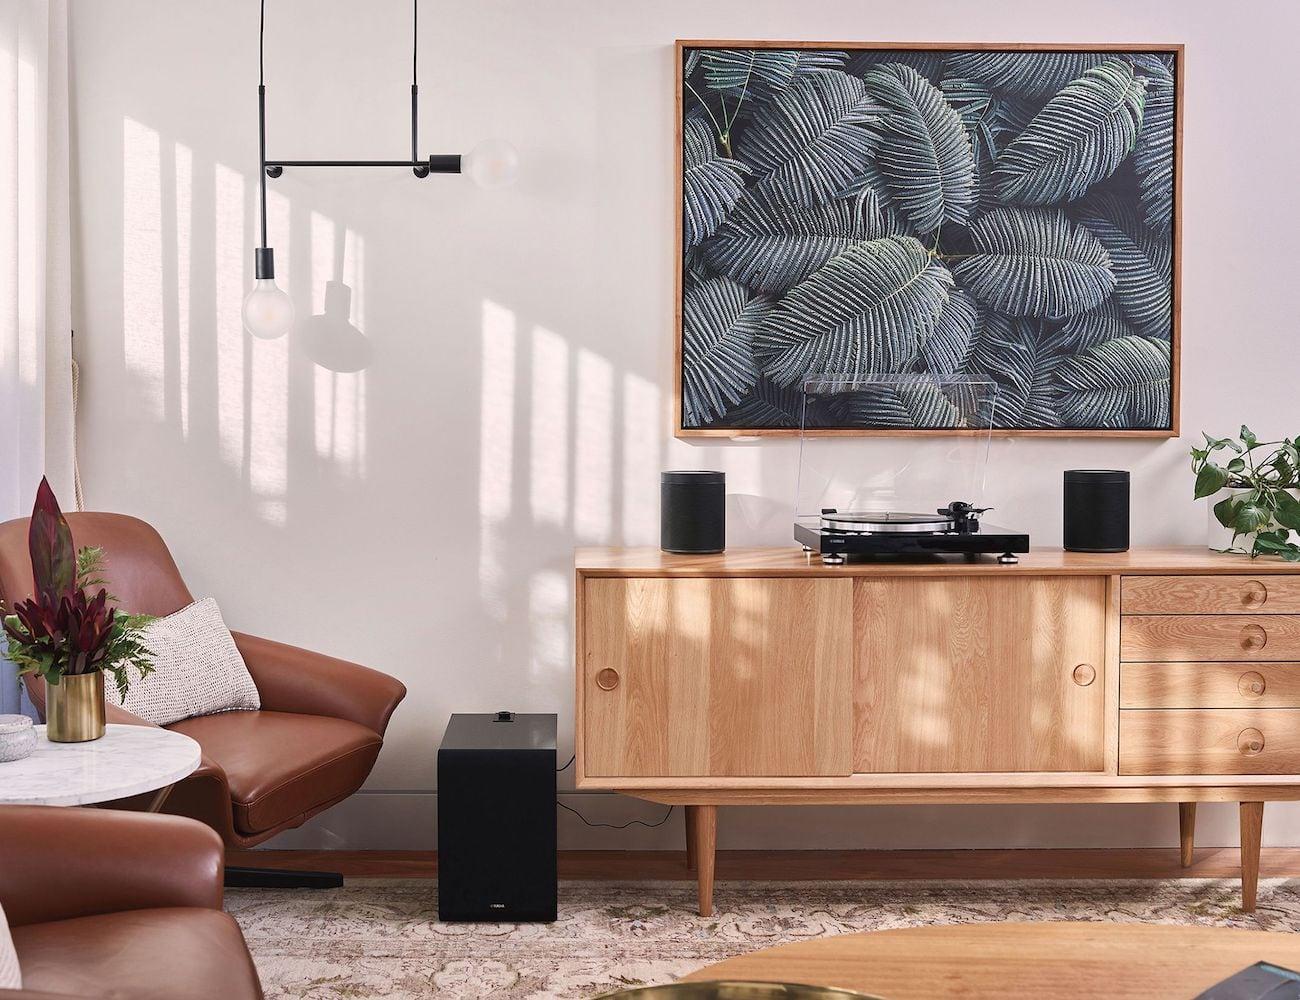 Yamaha MusicCast VINYL 500 Wi-Fi Turntable